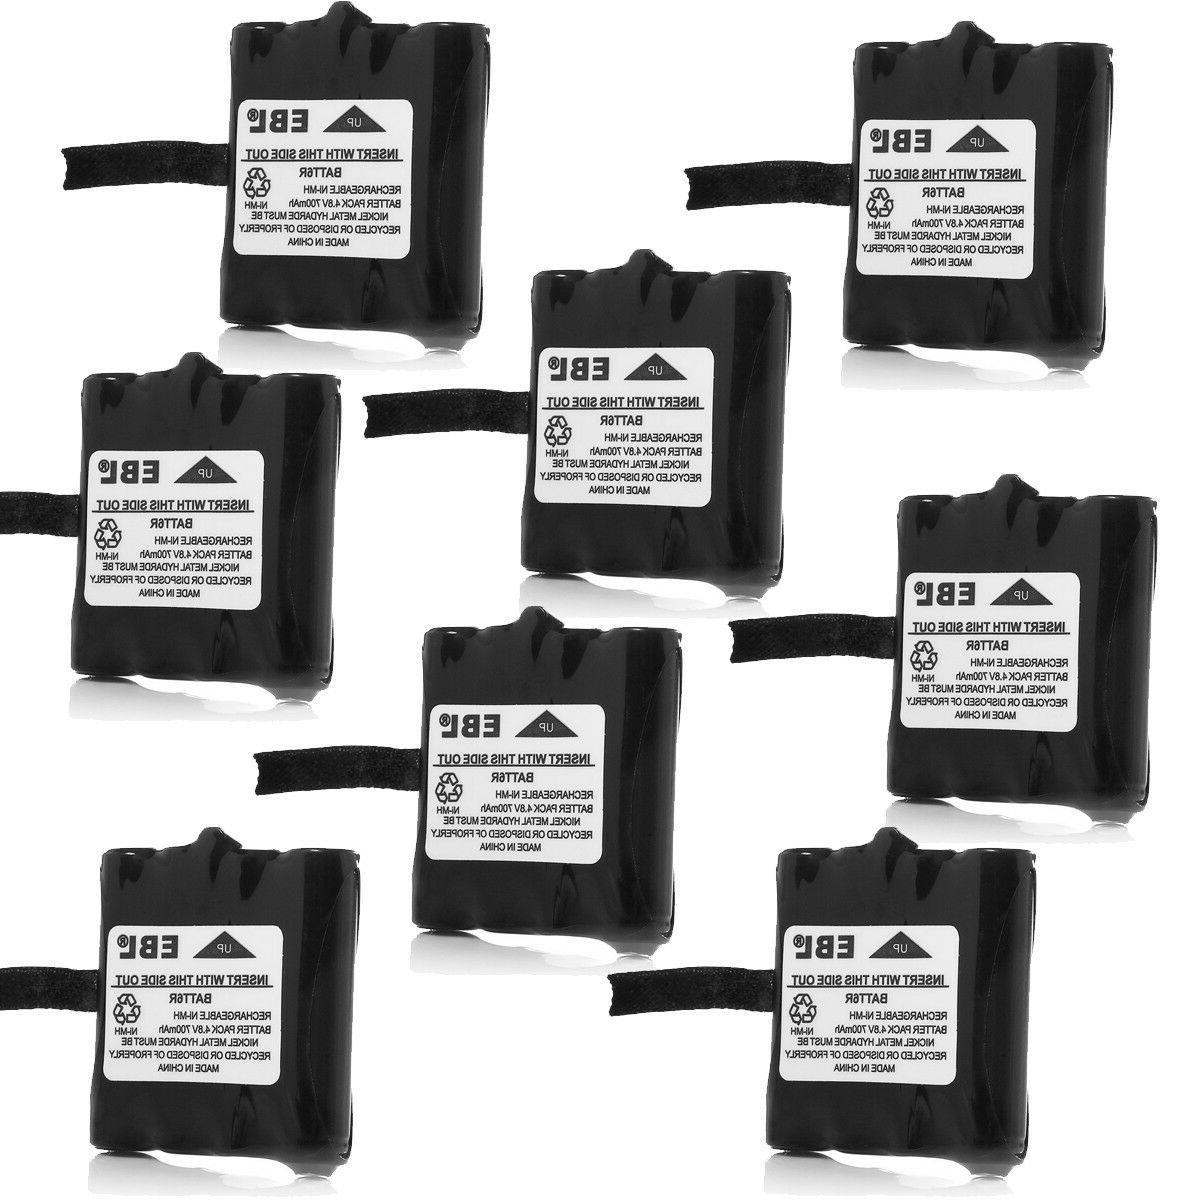 2x Two-Way Radio Batteries for Midland BATT6R BATT-6R LXT-34